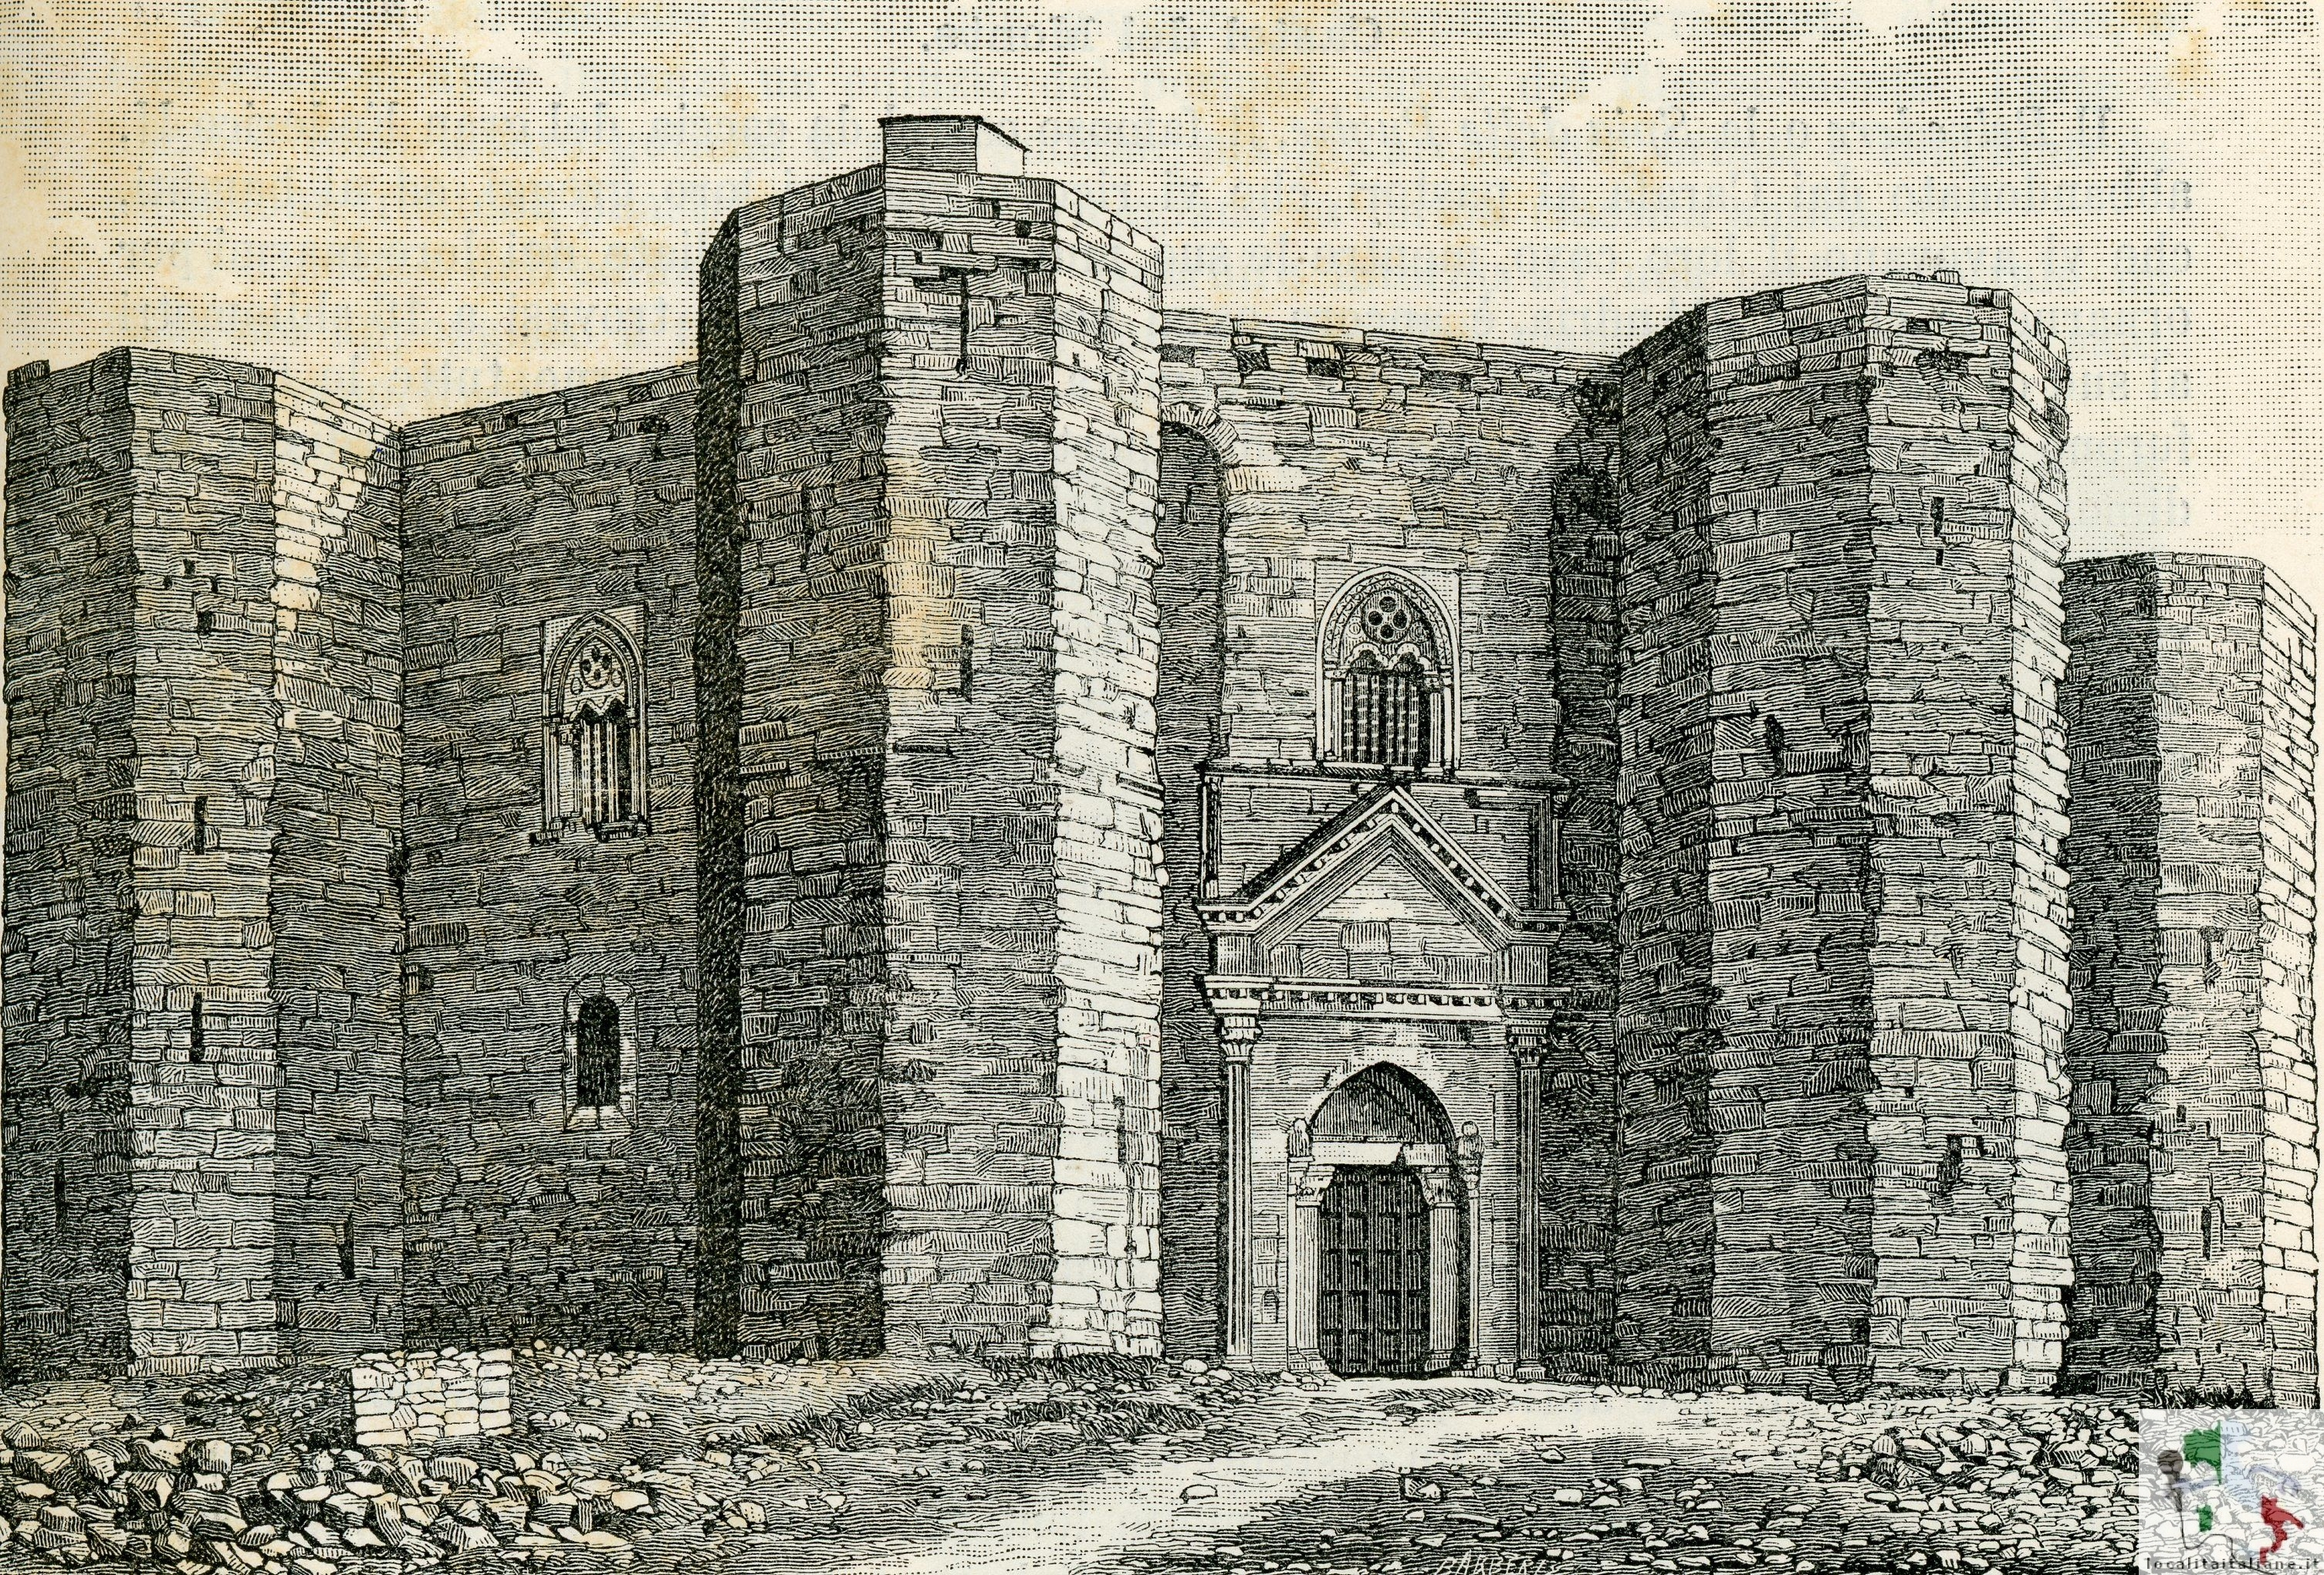 il castello in una foto d'epoca